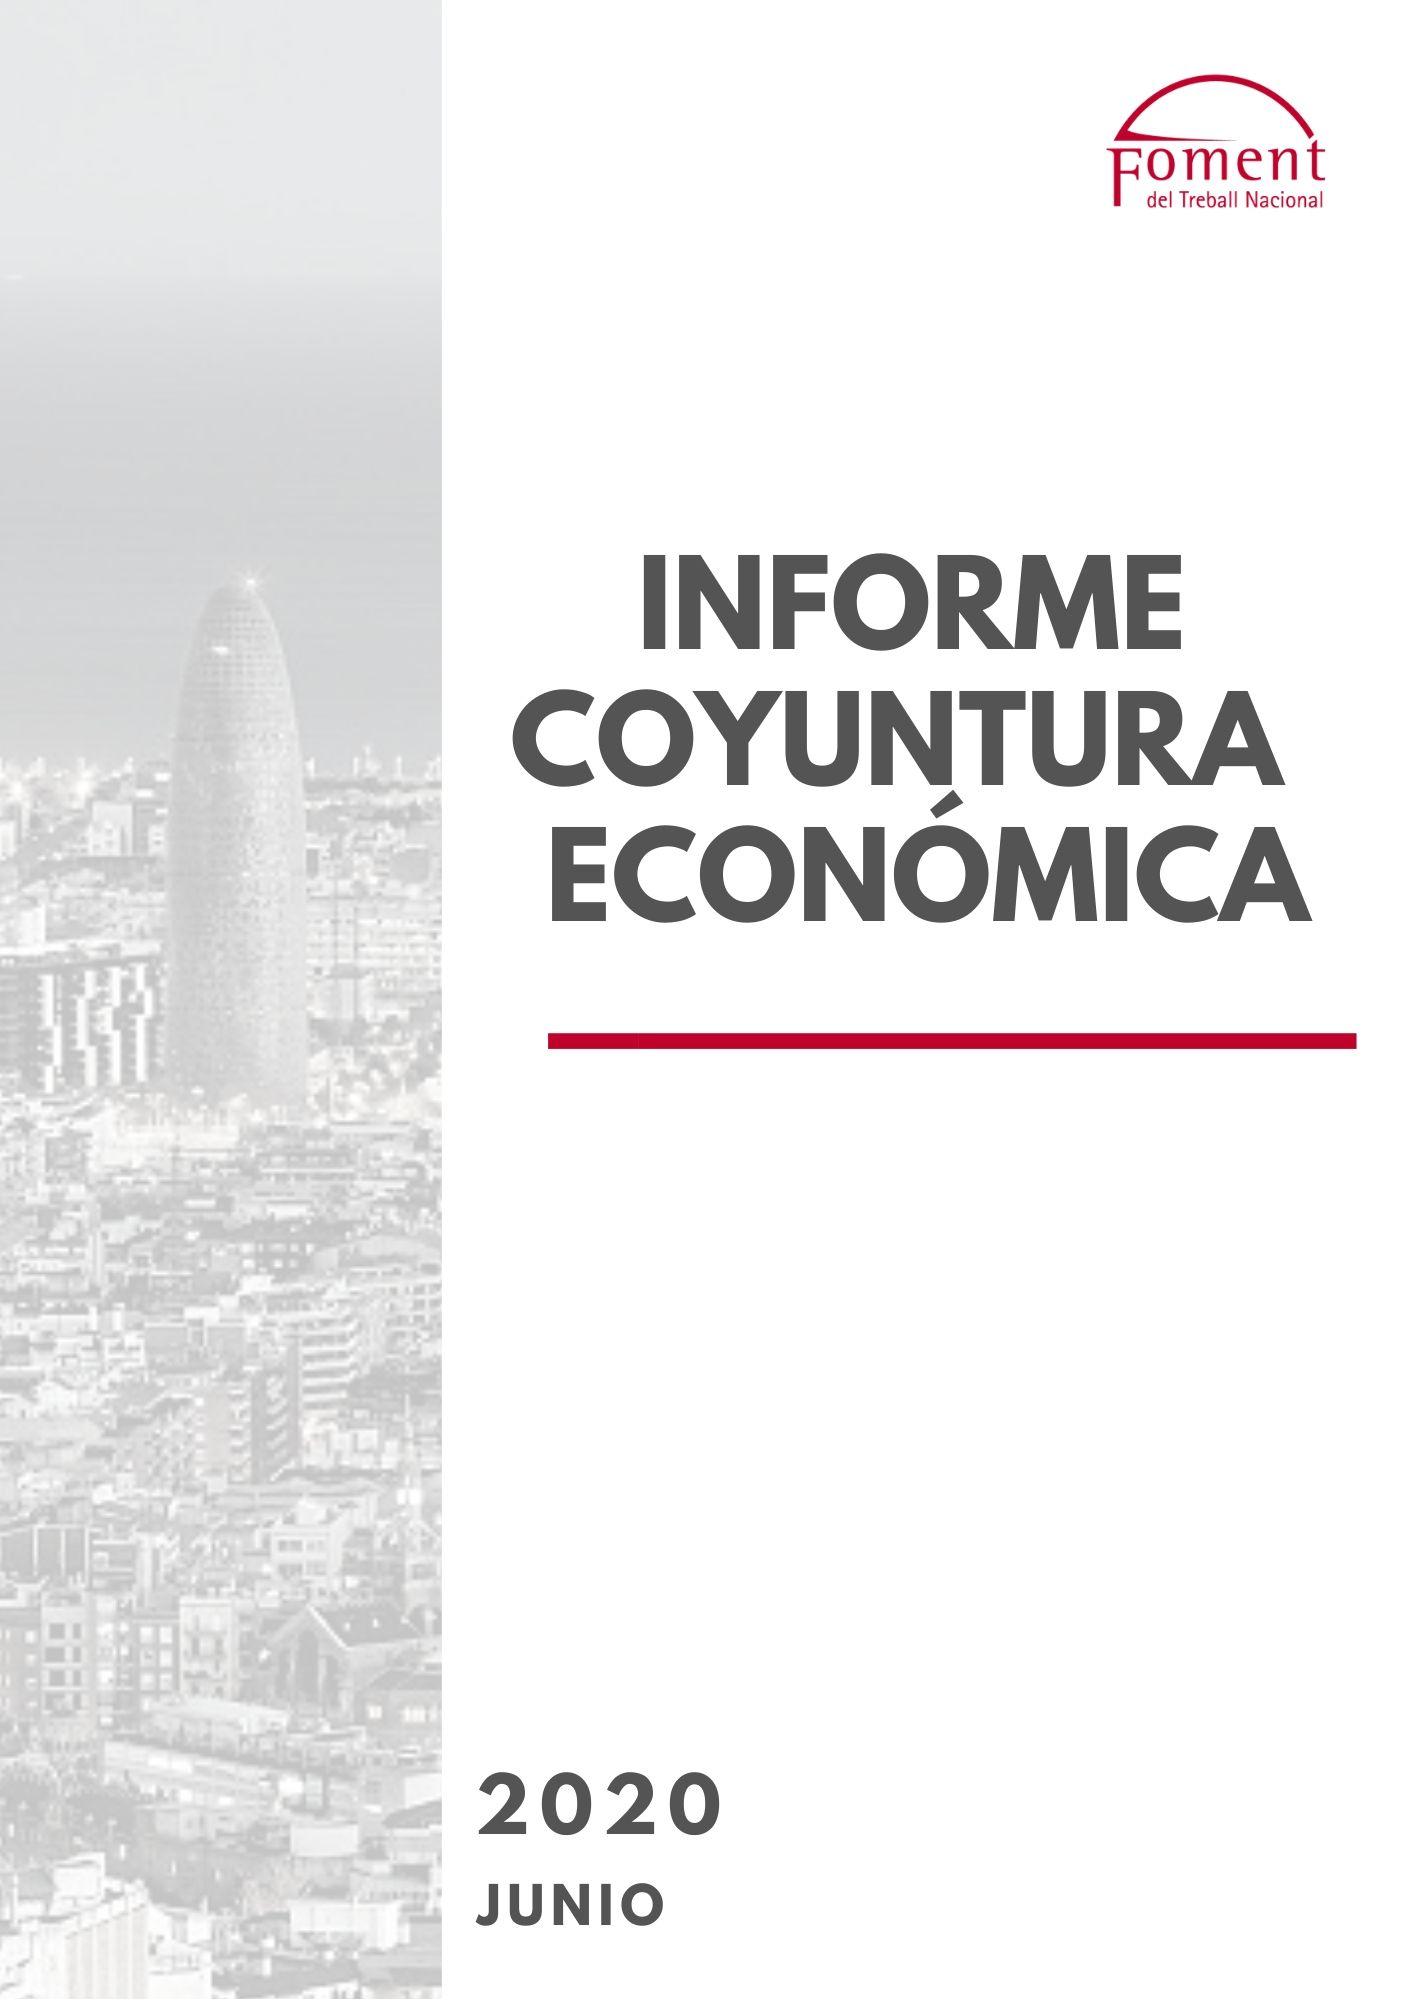 Informe de Coyuntura Económica- Junio 2020